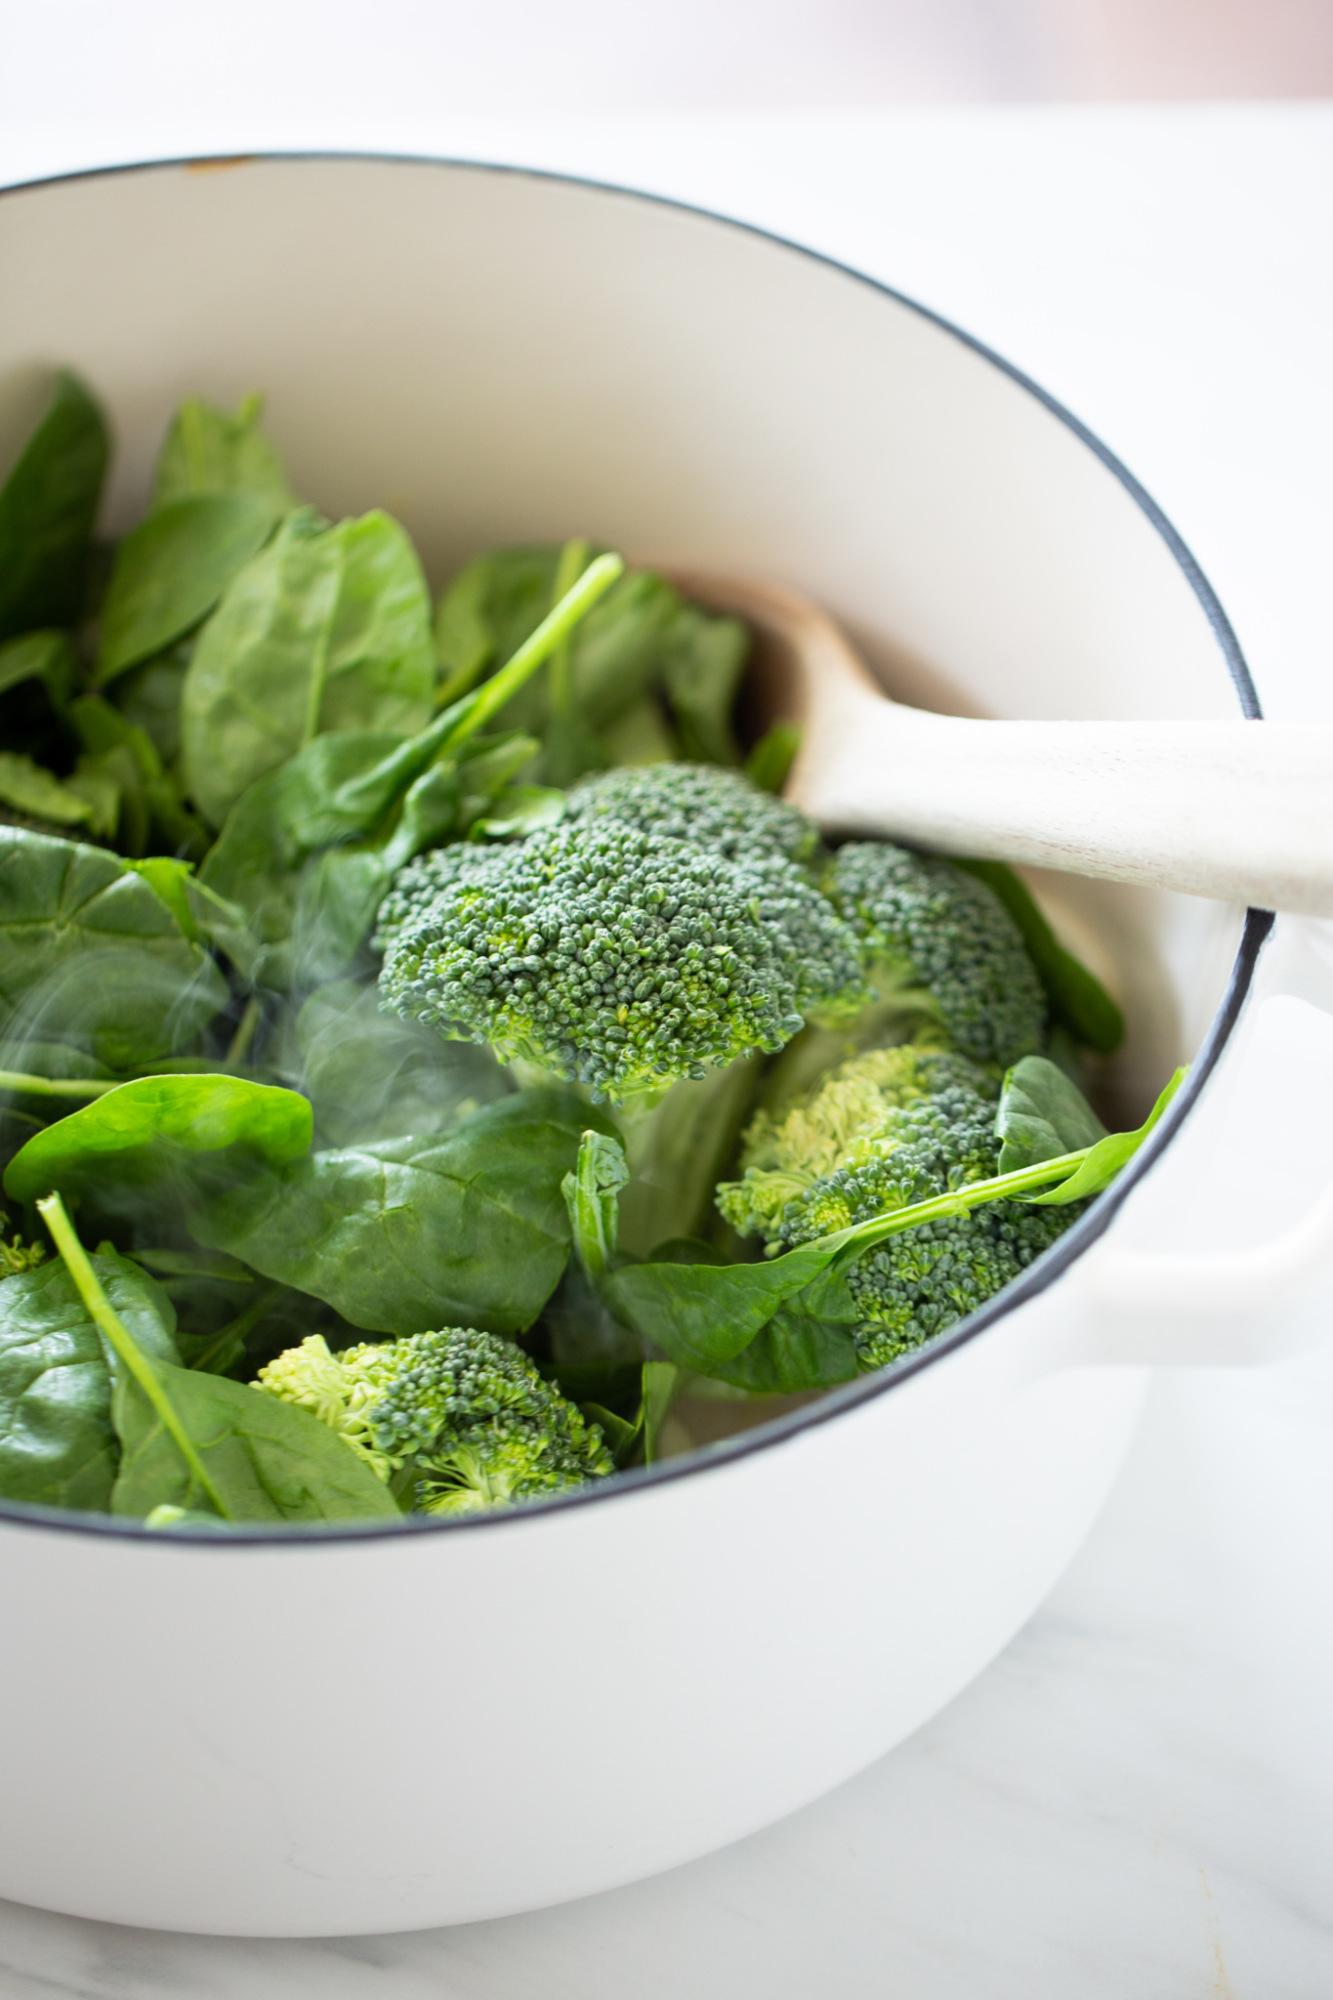 brocoli y espinacas en una olla